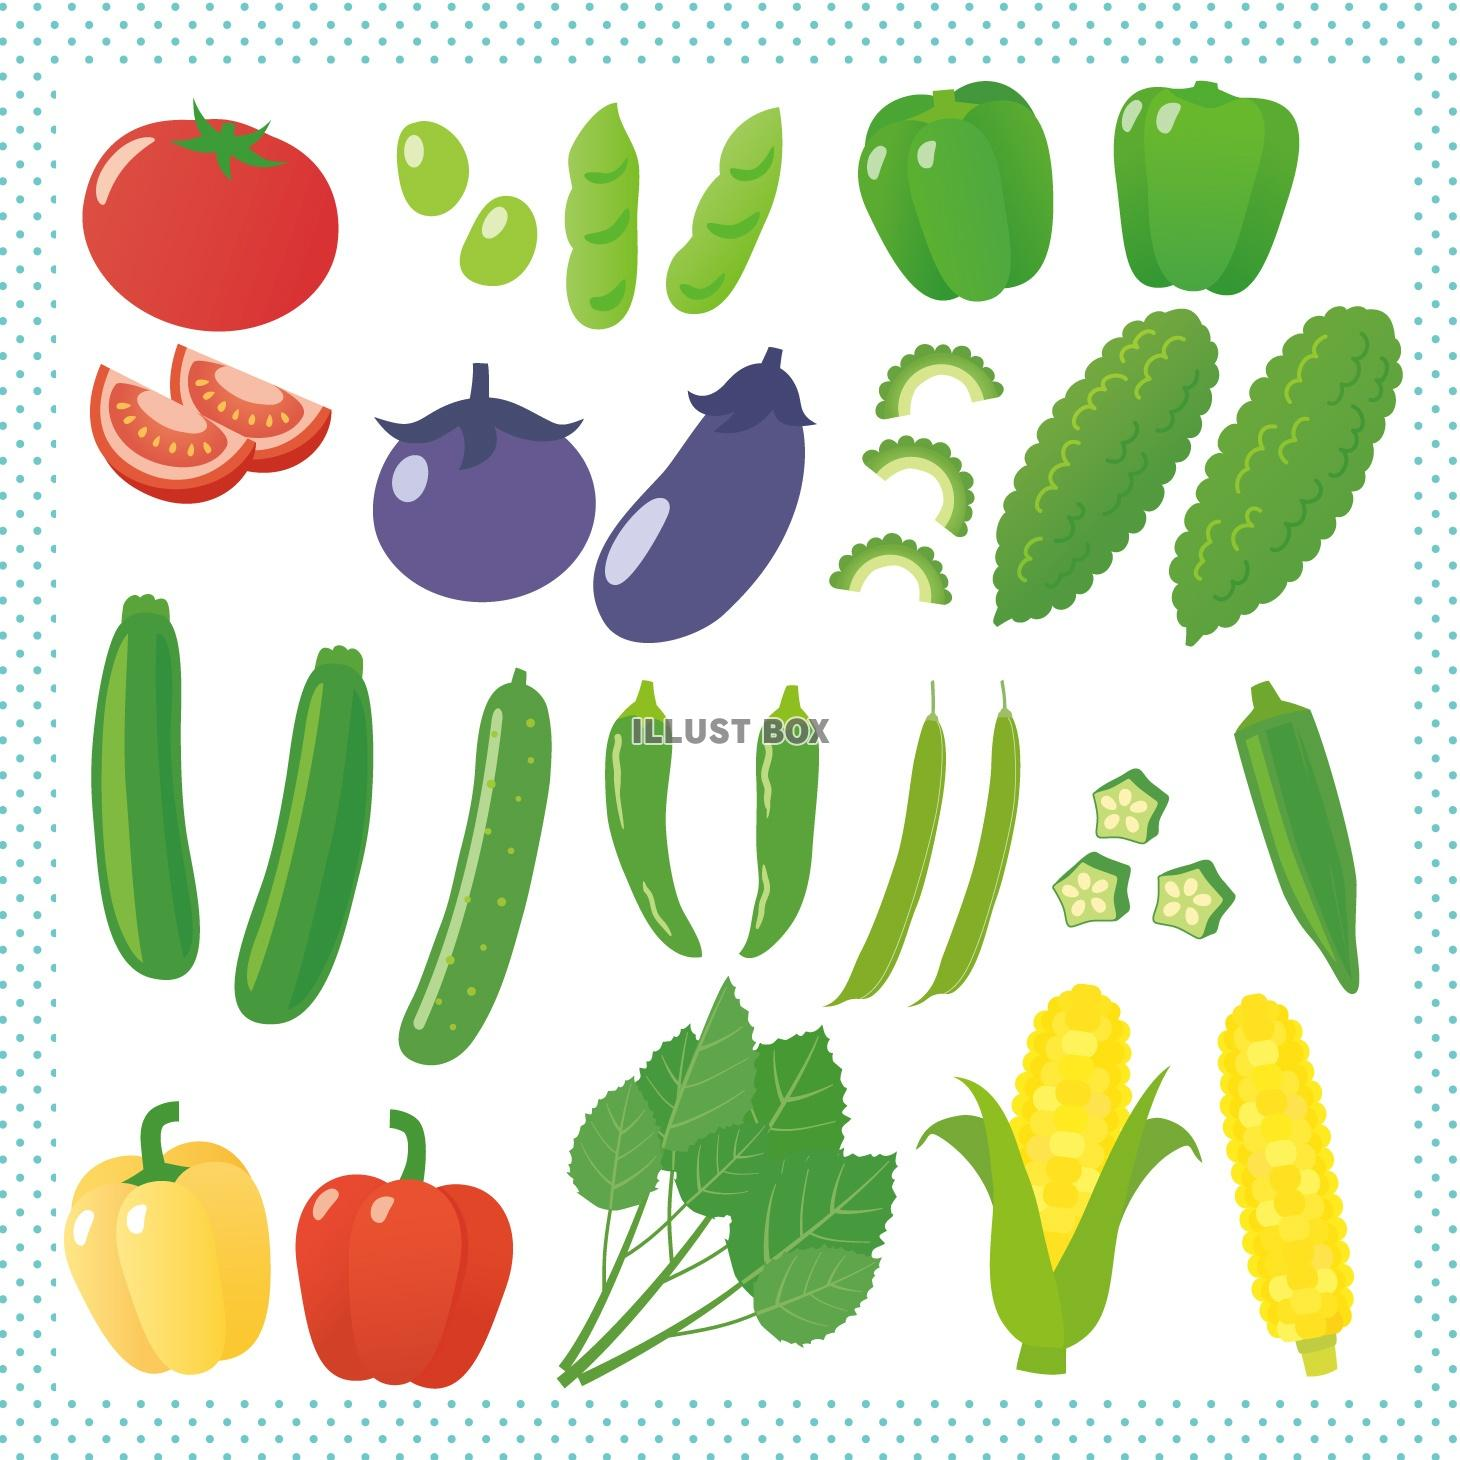 無料イラスト 夏野菜の詰め合わせ